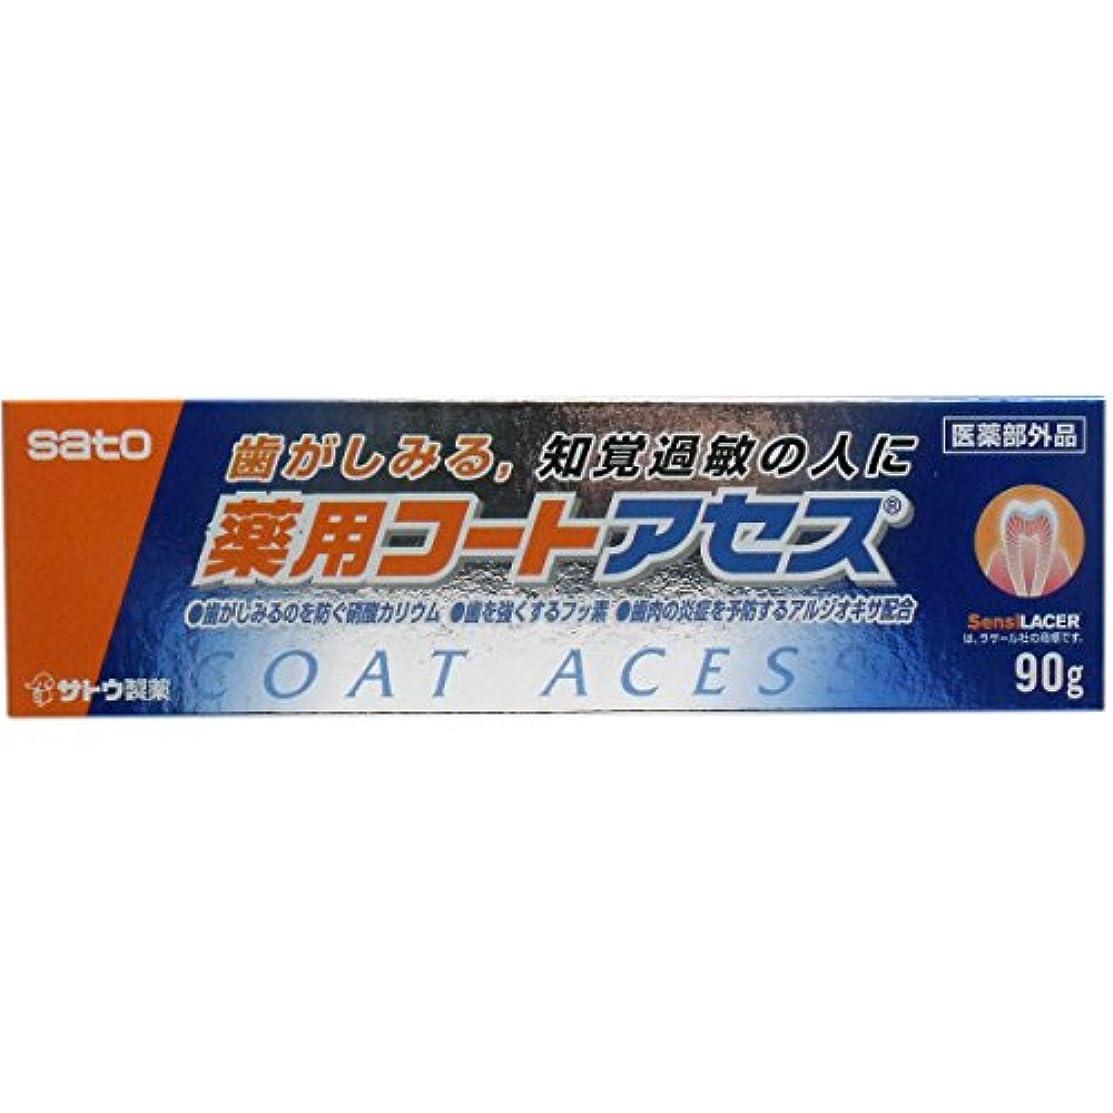 支店水分とんでもないサトウ製薬 薬用コートアセス 薬用歯みがき 90g ×6個セット